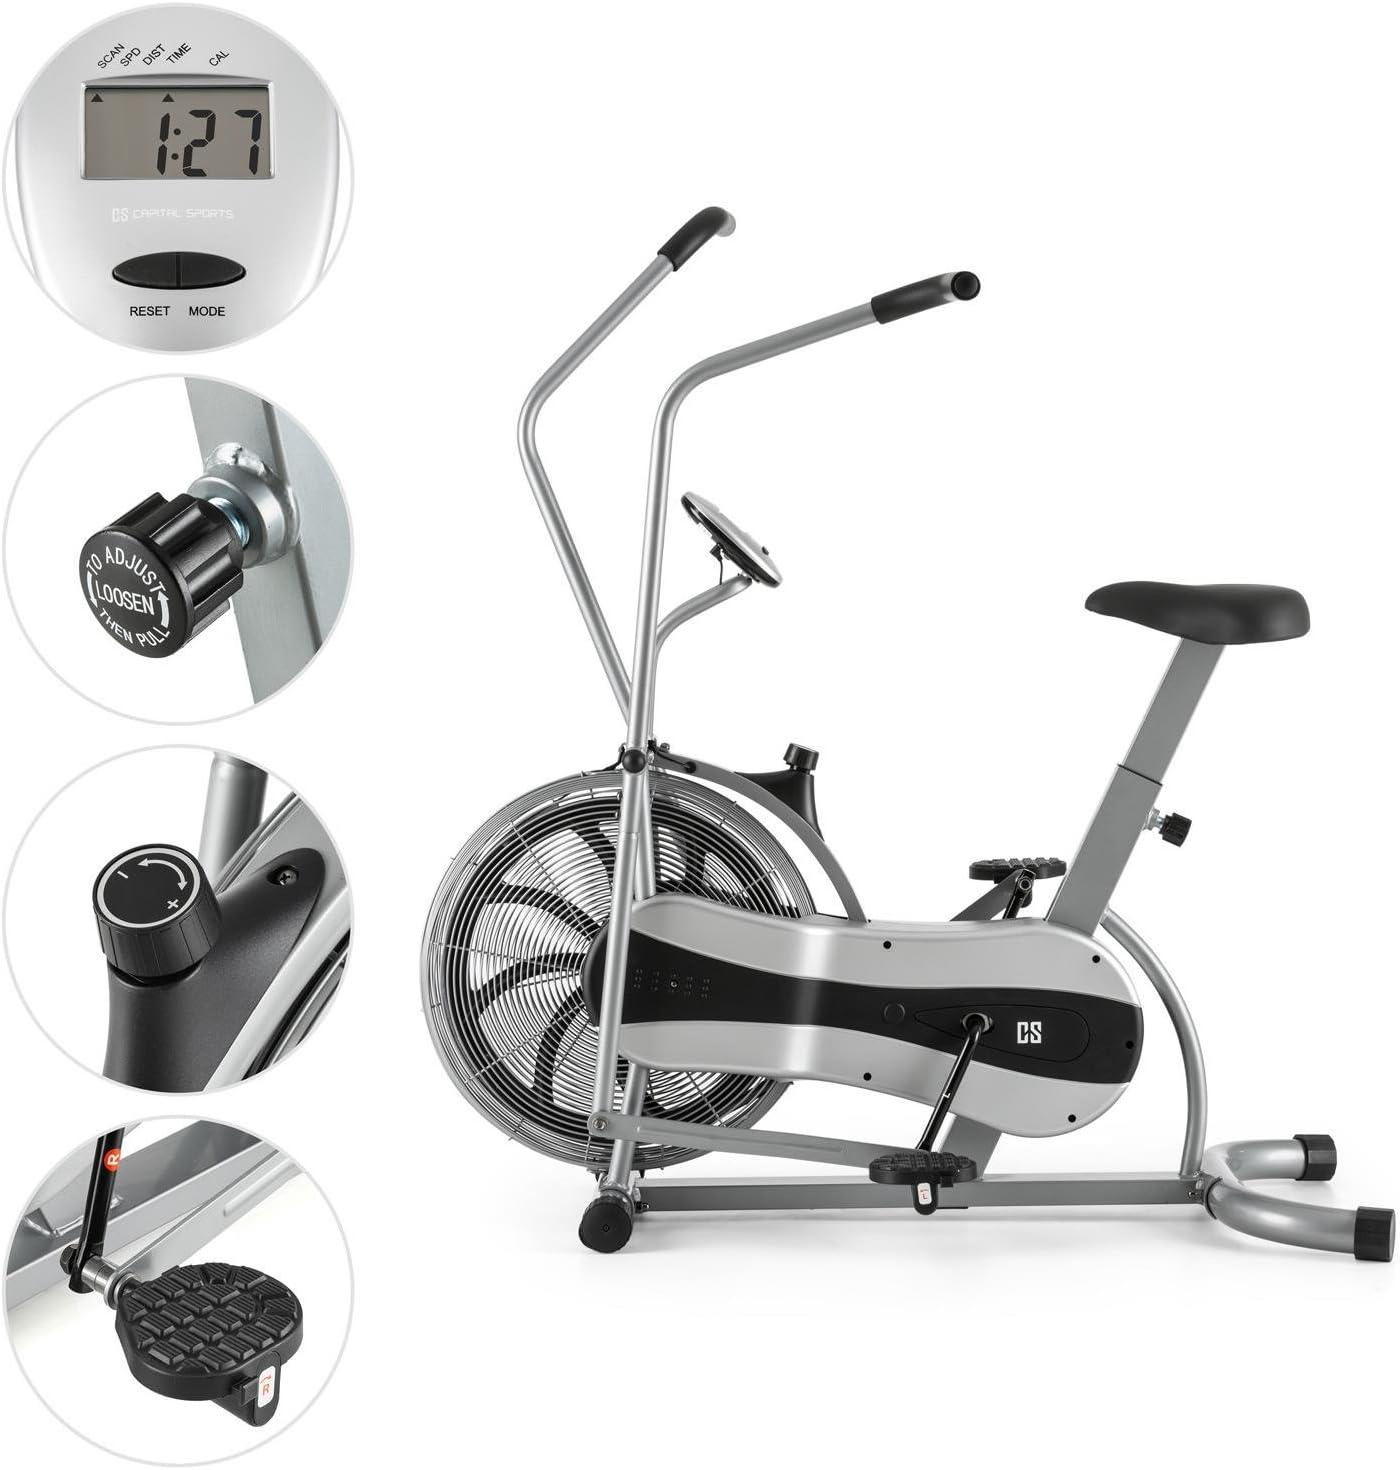 CAPITAL SPORTS Stormstrike 2k Bicicleta el/íptica erg/ómetro Resistencia regulaci/ón cont/ínua, entrenamiento brazos y piernas, monitor integrado, altura regulable, hasta 120 kg negra azul